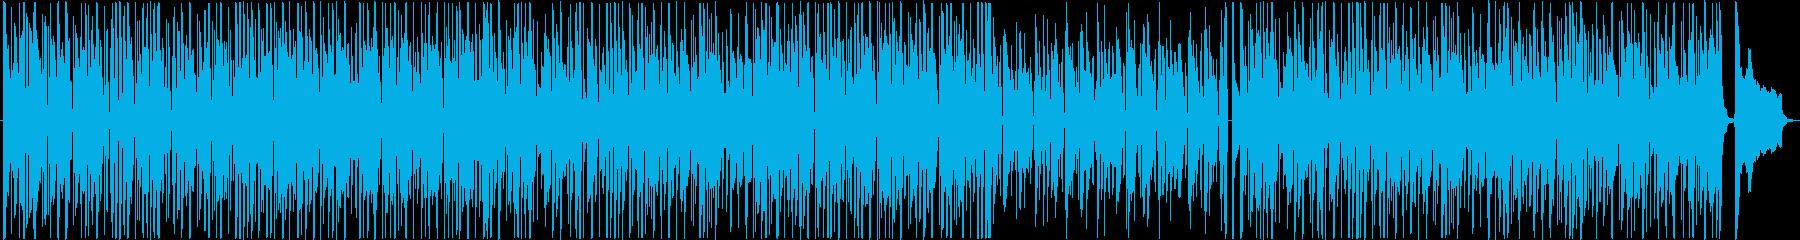 クールでクルージング、ミッドテンポ...の再生済みの波形